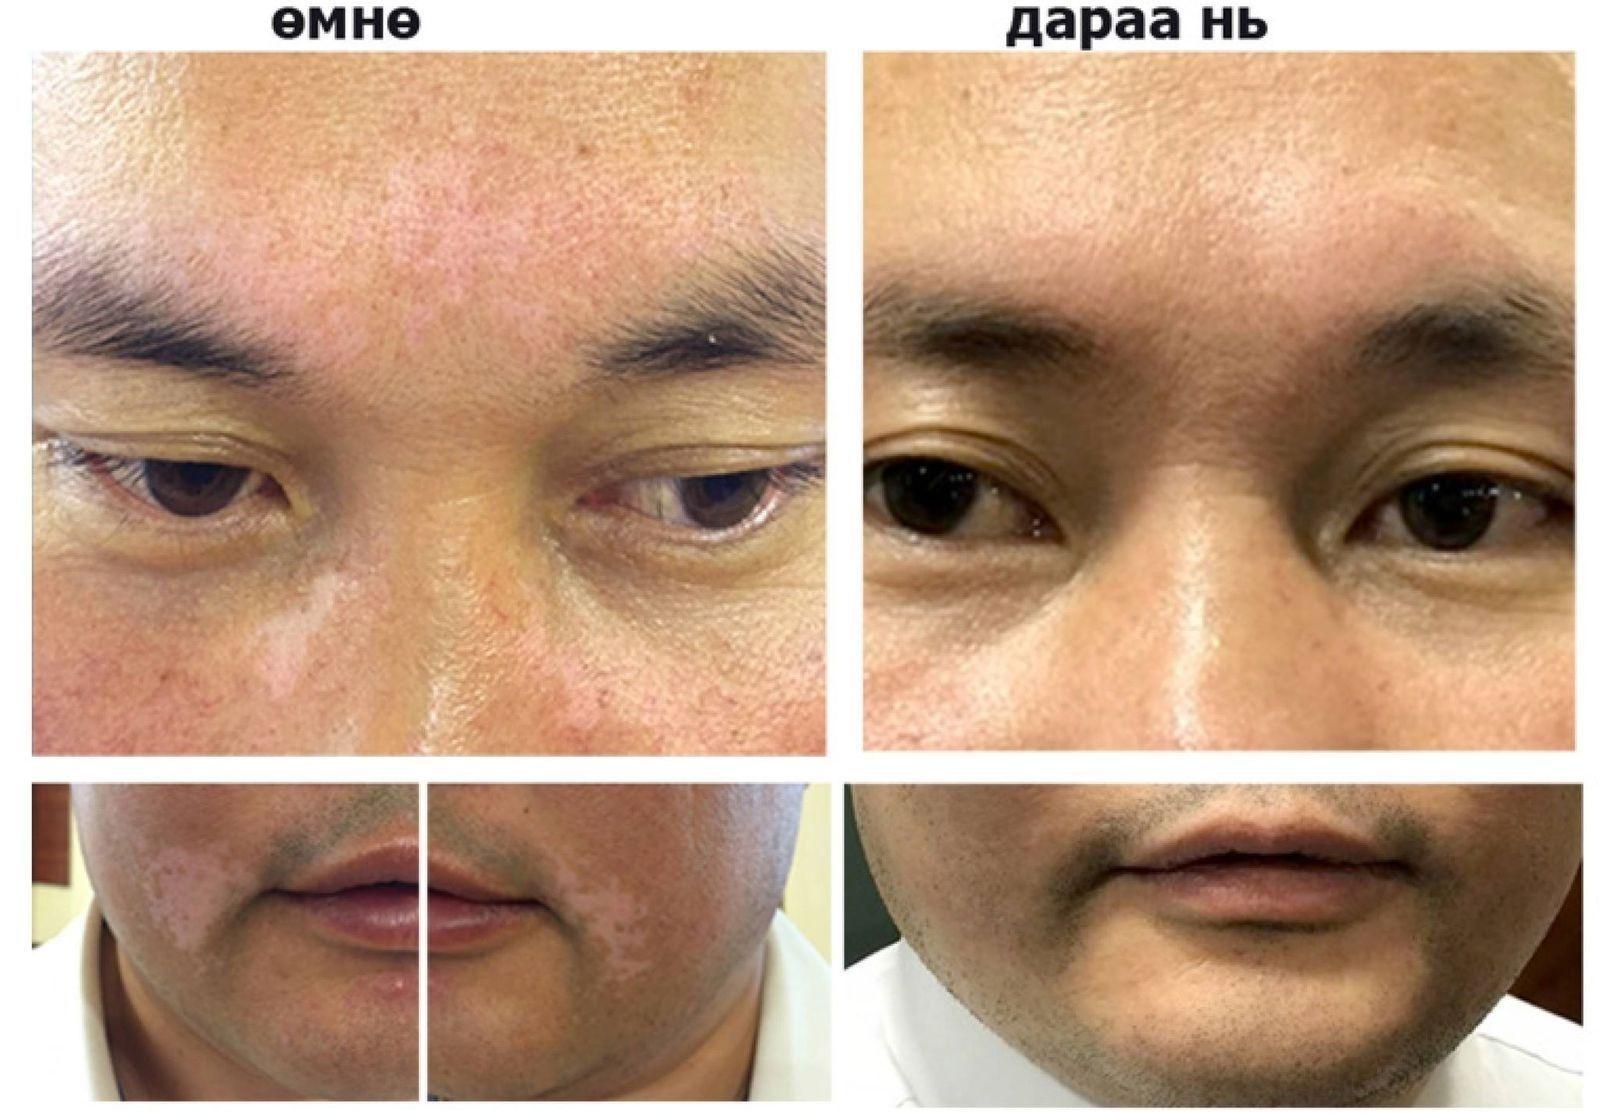 74e162_52634661_406130773529768_8424398555183054848_n_x974 Арьс цайх болон арьсны хүнд өвчнүүдийг Монголд бүрэн эмчилж байна